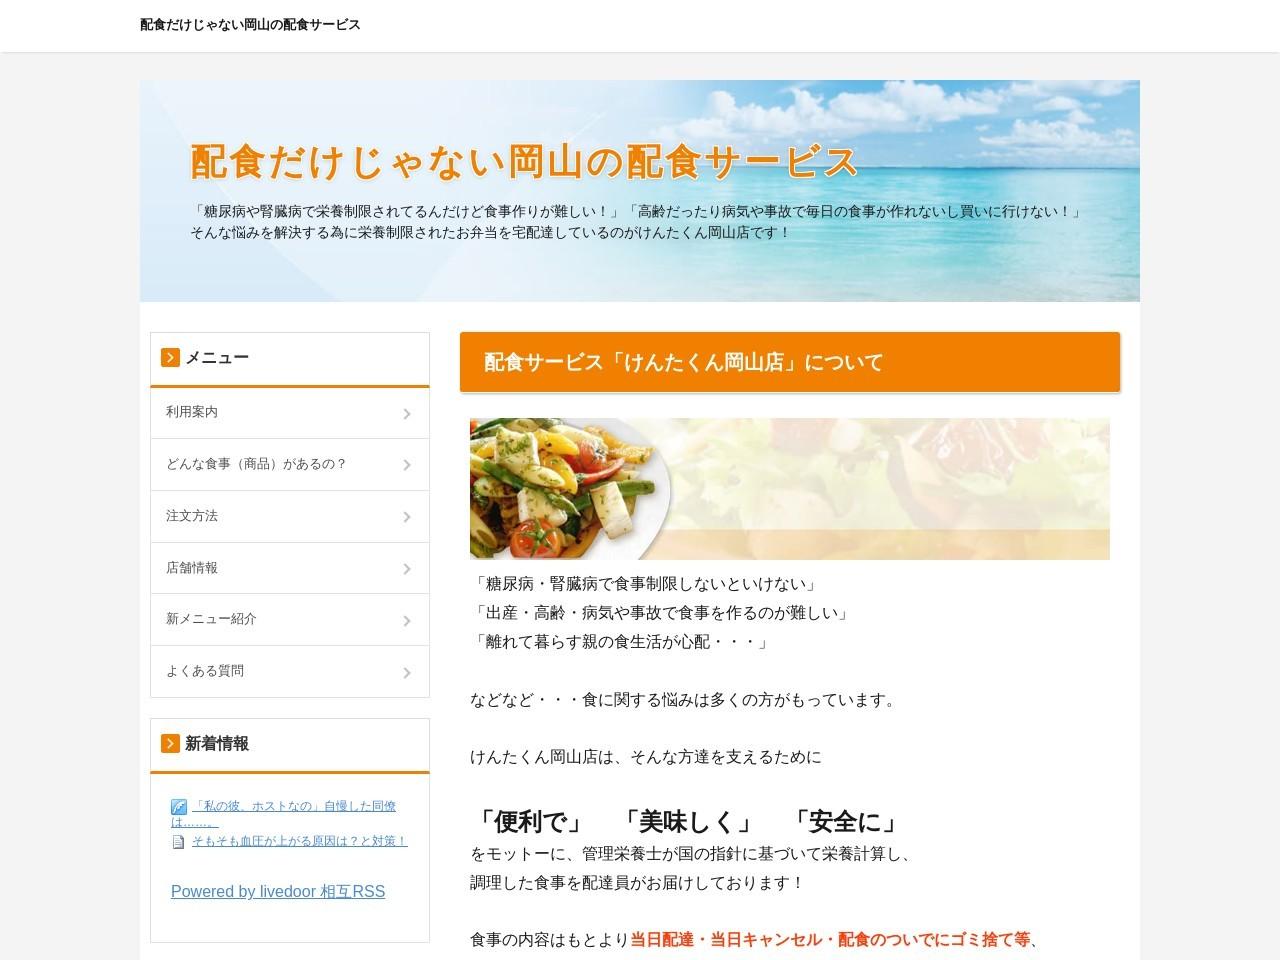 けんたくん 岡山店 - 生活習慣病などの方へ健康管理食、お弁当宅配サービス